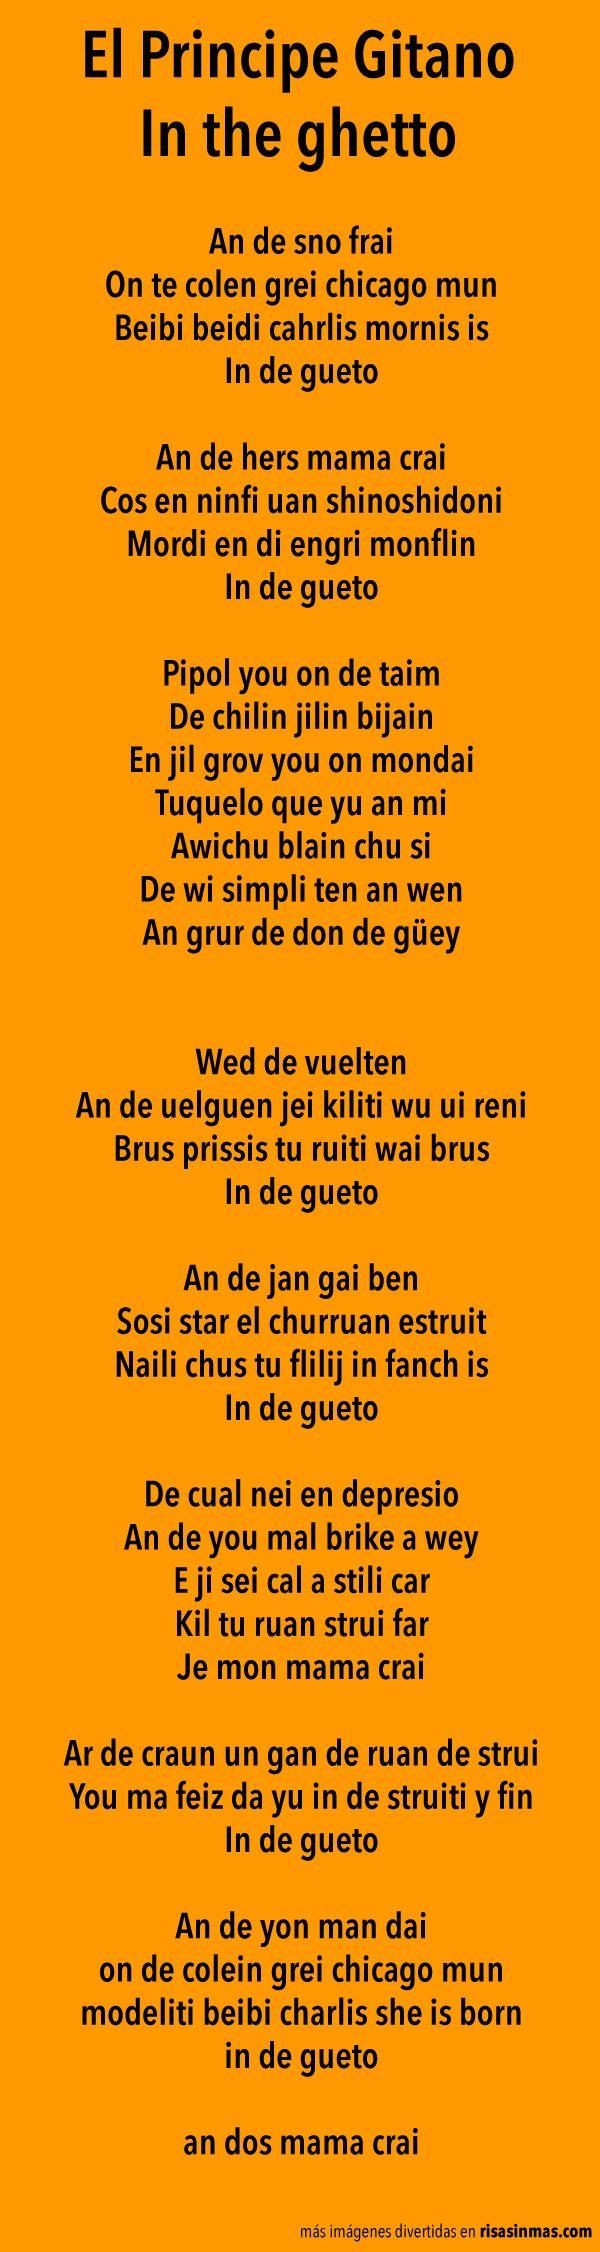 Versiones de canciones: El Principe Gitano – In the ghetto